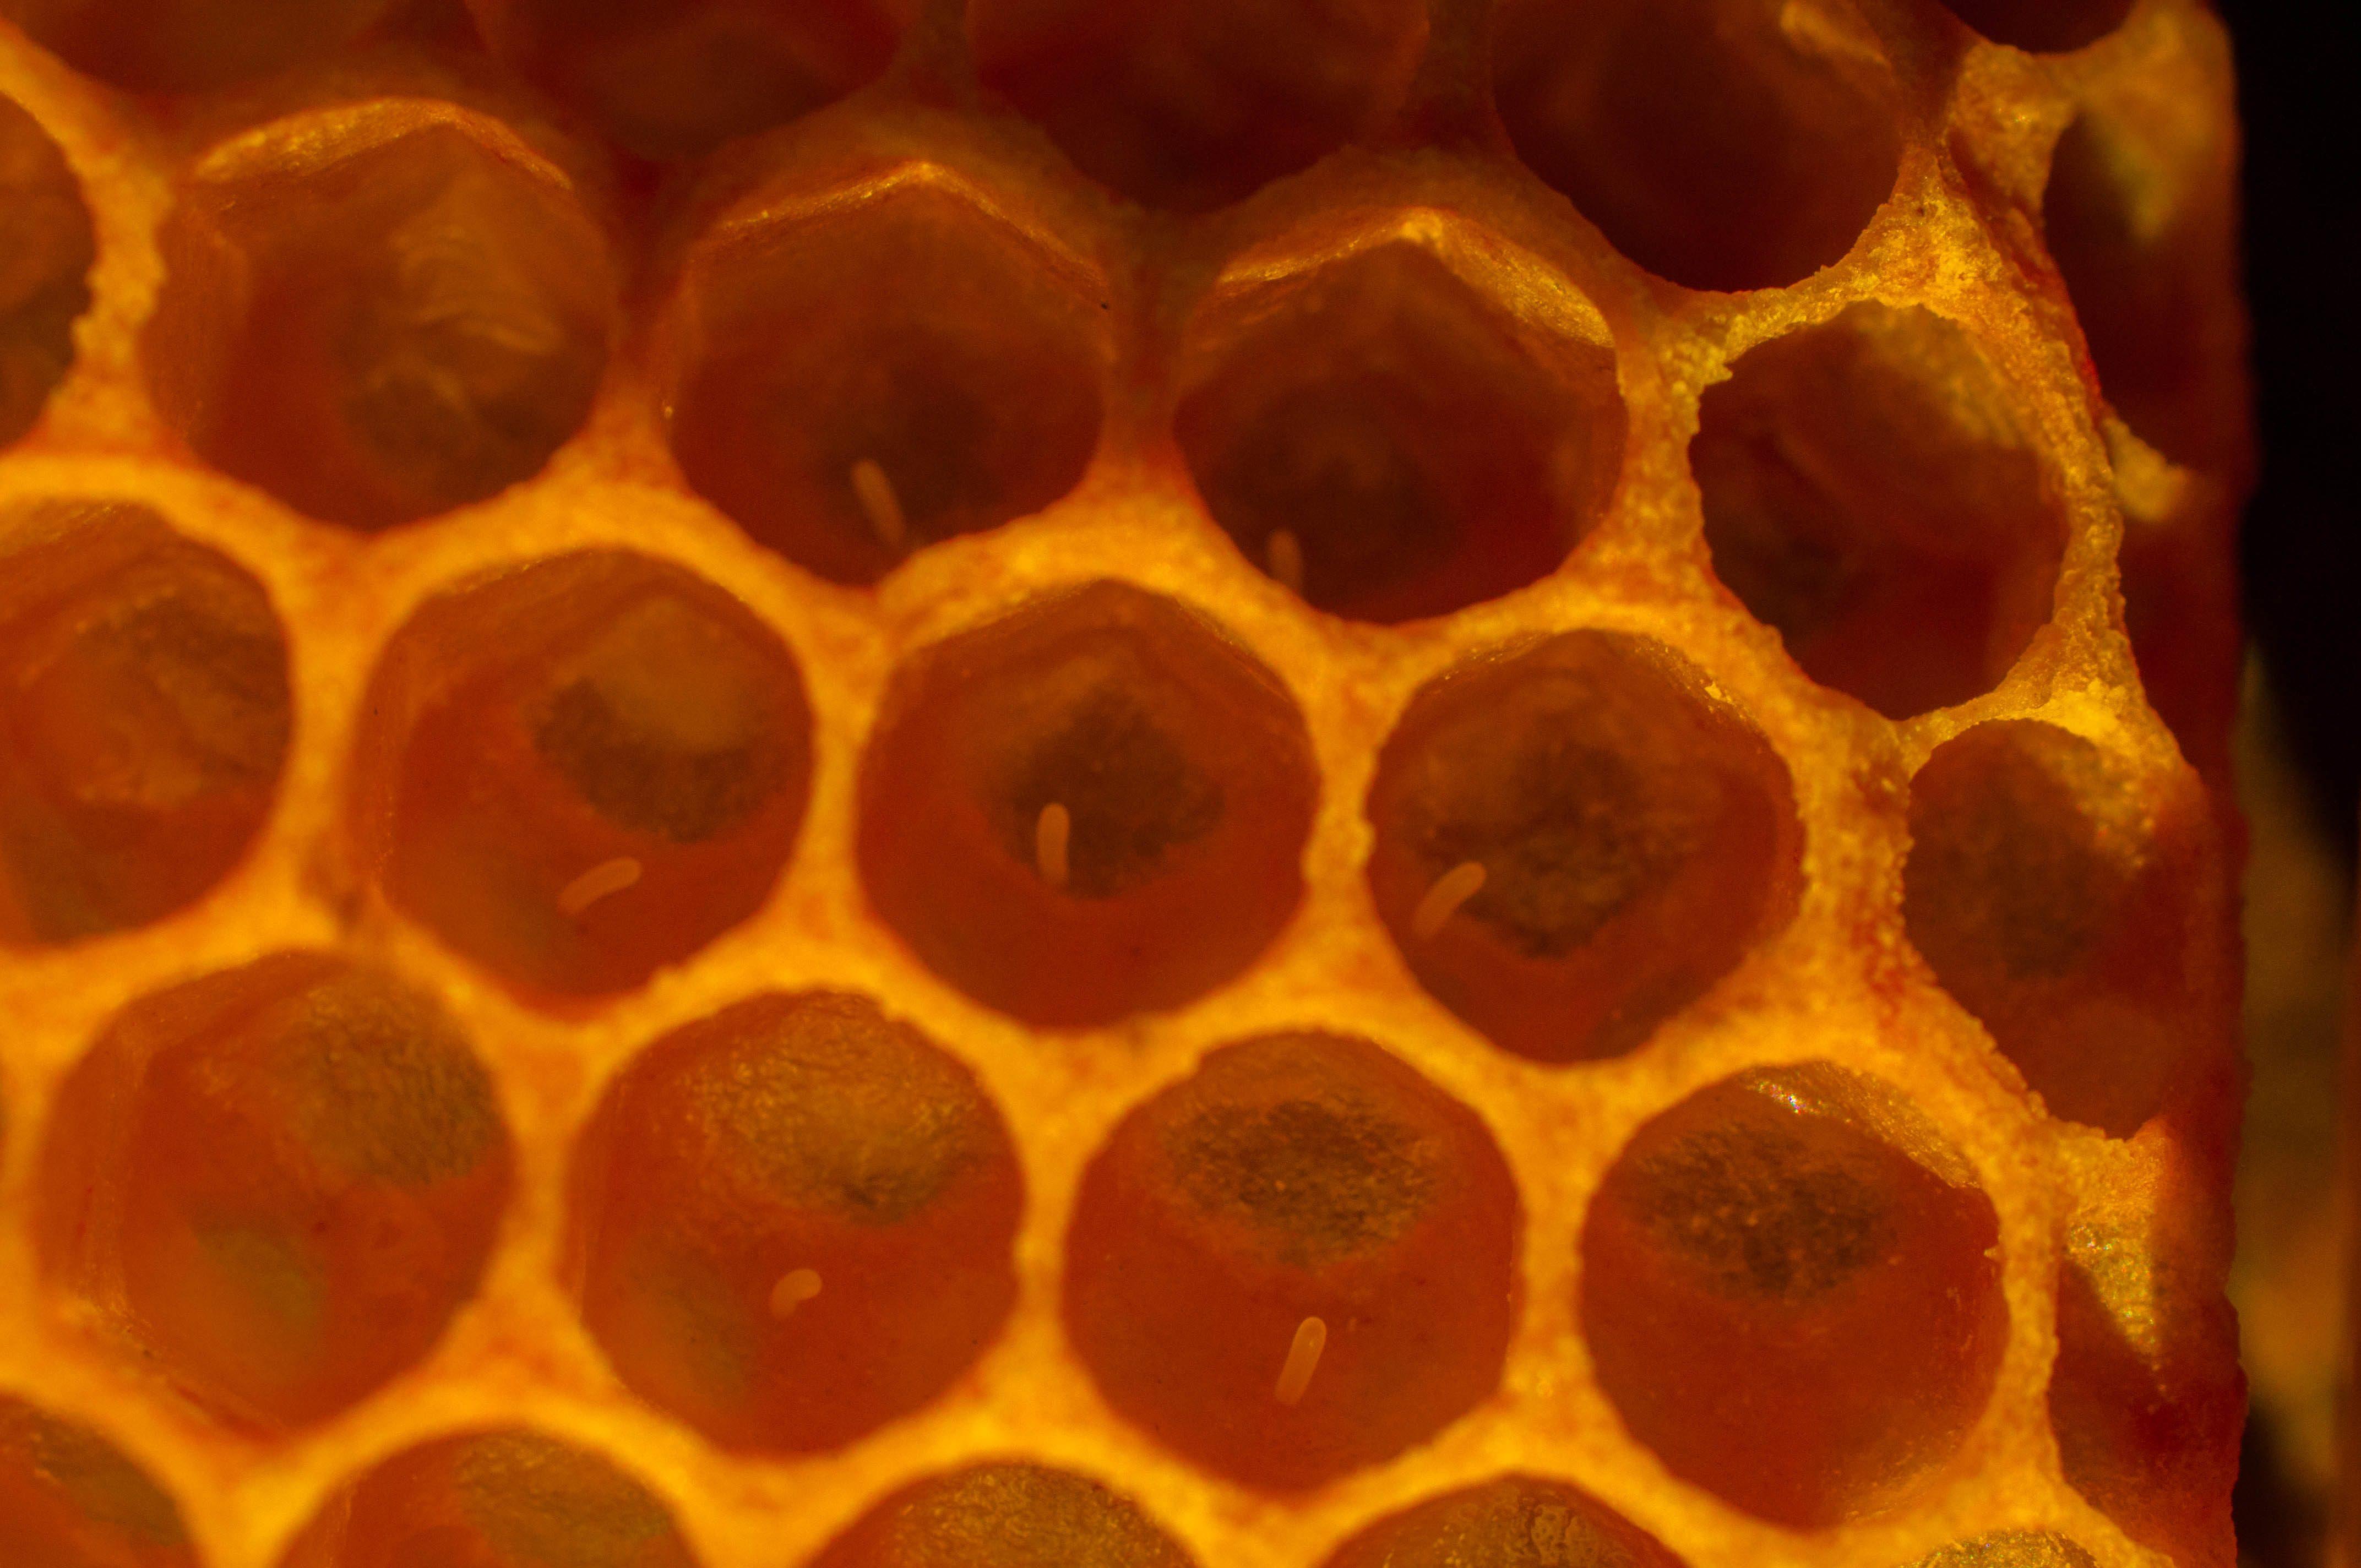 Huevos abeja Las Obreras de Aliste CB Artesanos de la Miel Aliste Gallegos del Campo Artesanos de la Miel